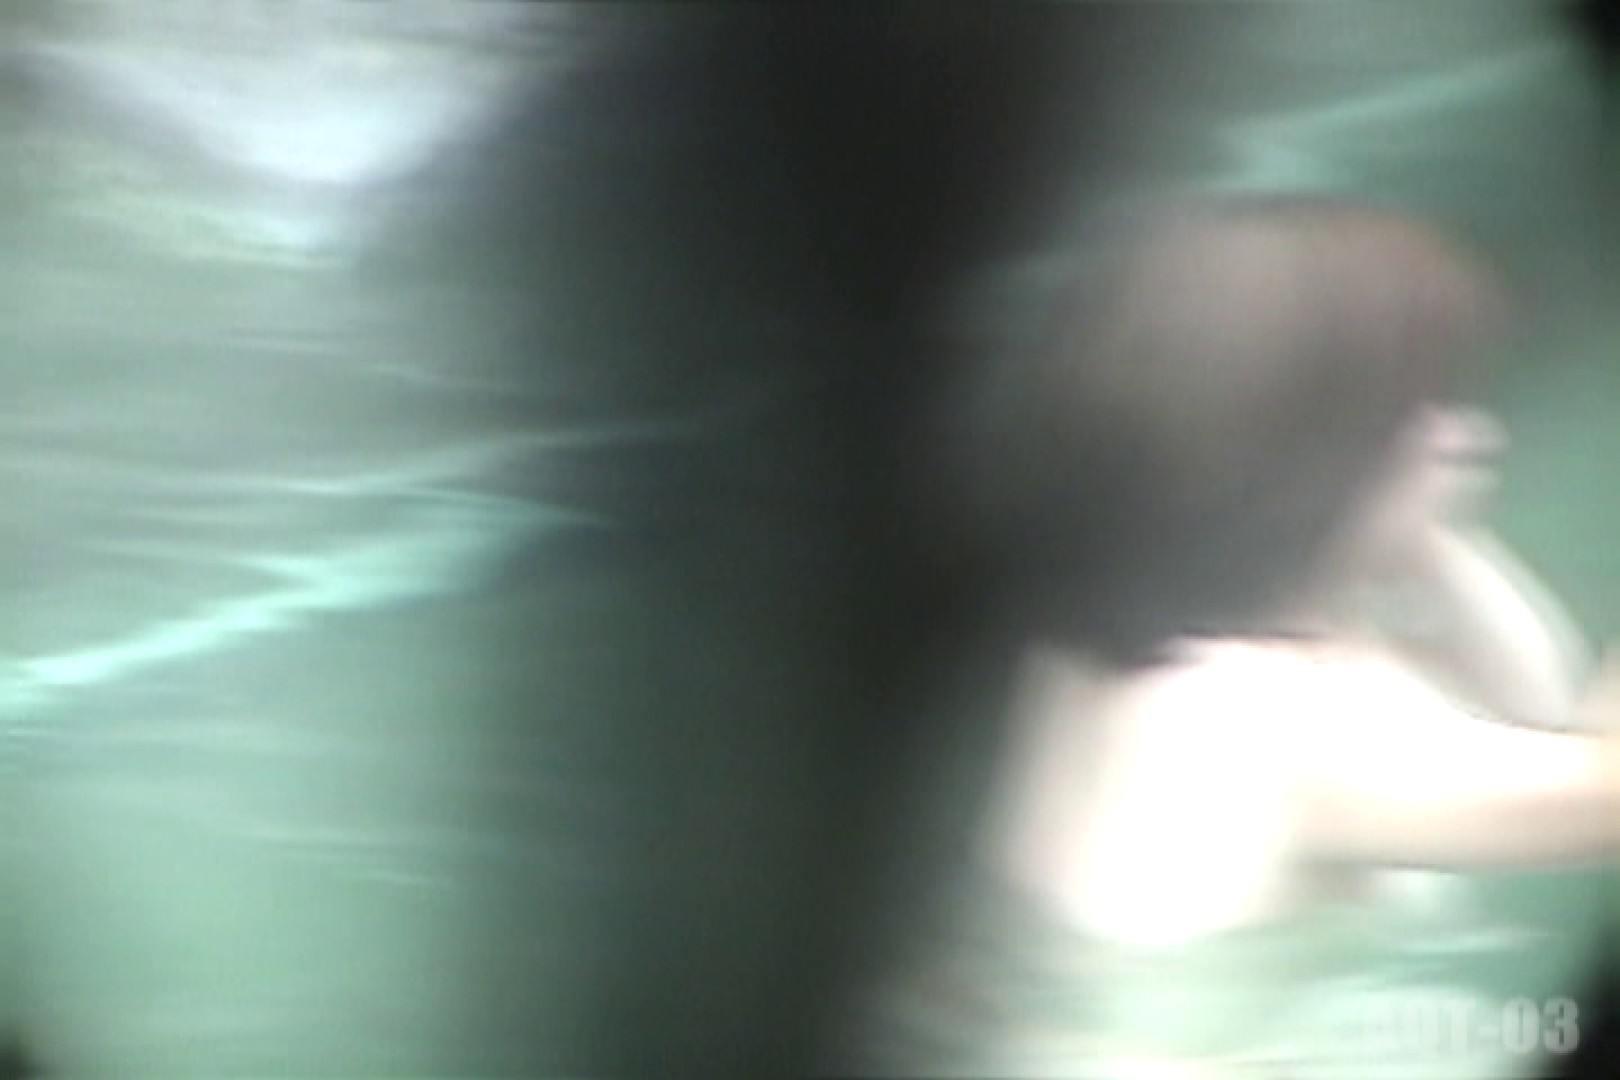 Aquaな露天風呂Vol.731 盗撮  100枚 21